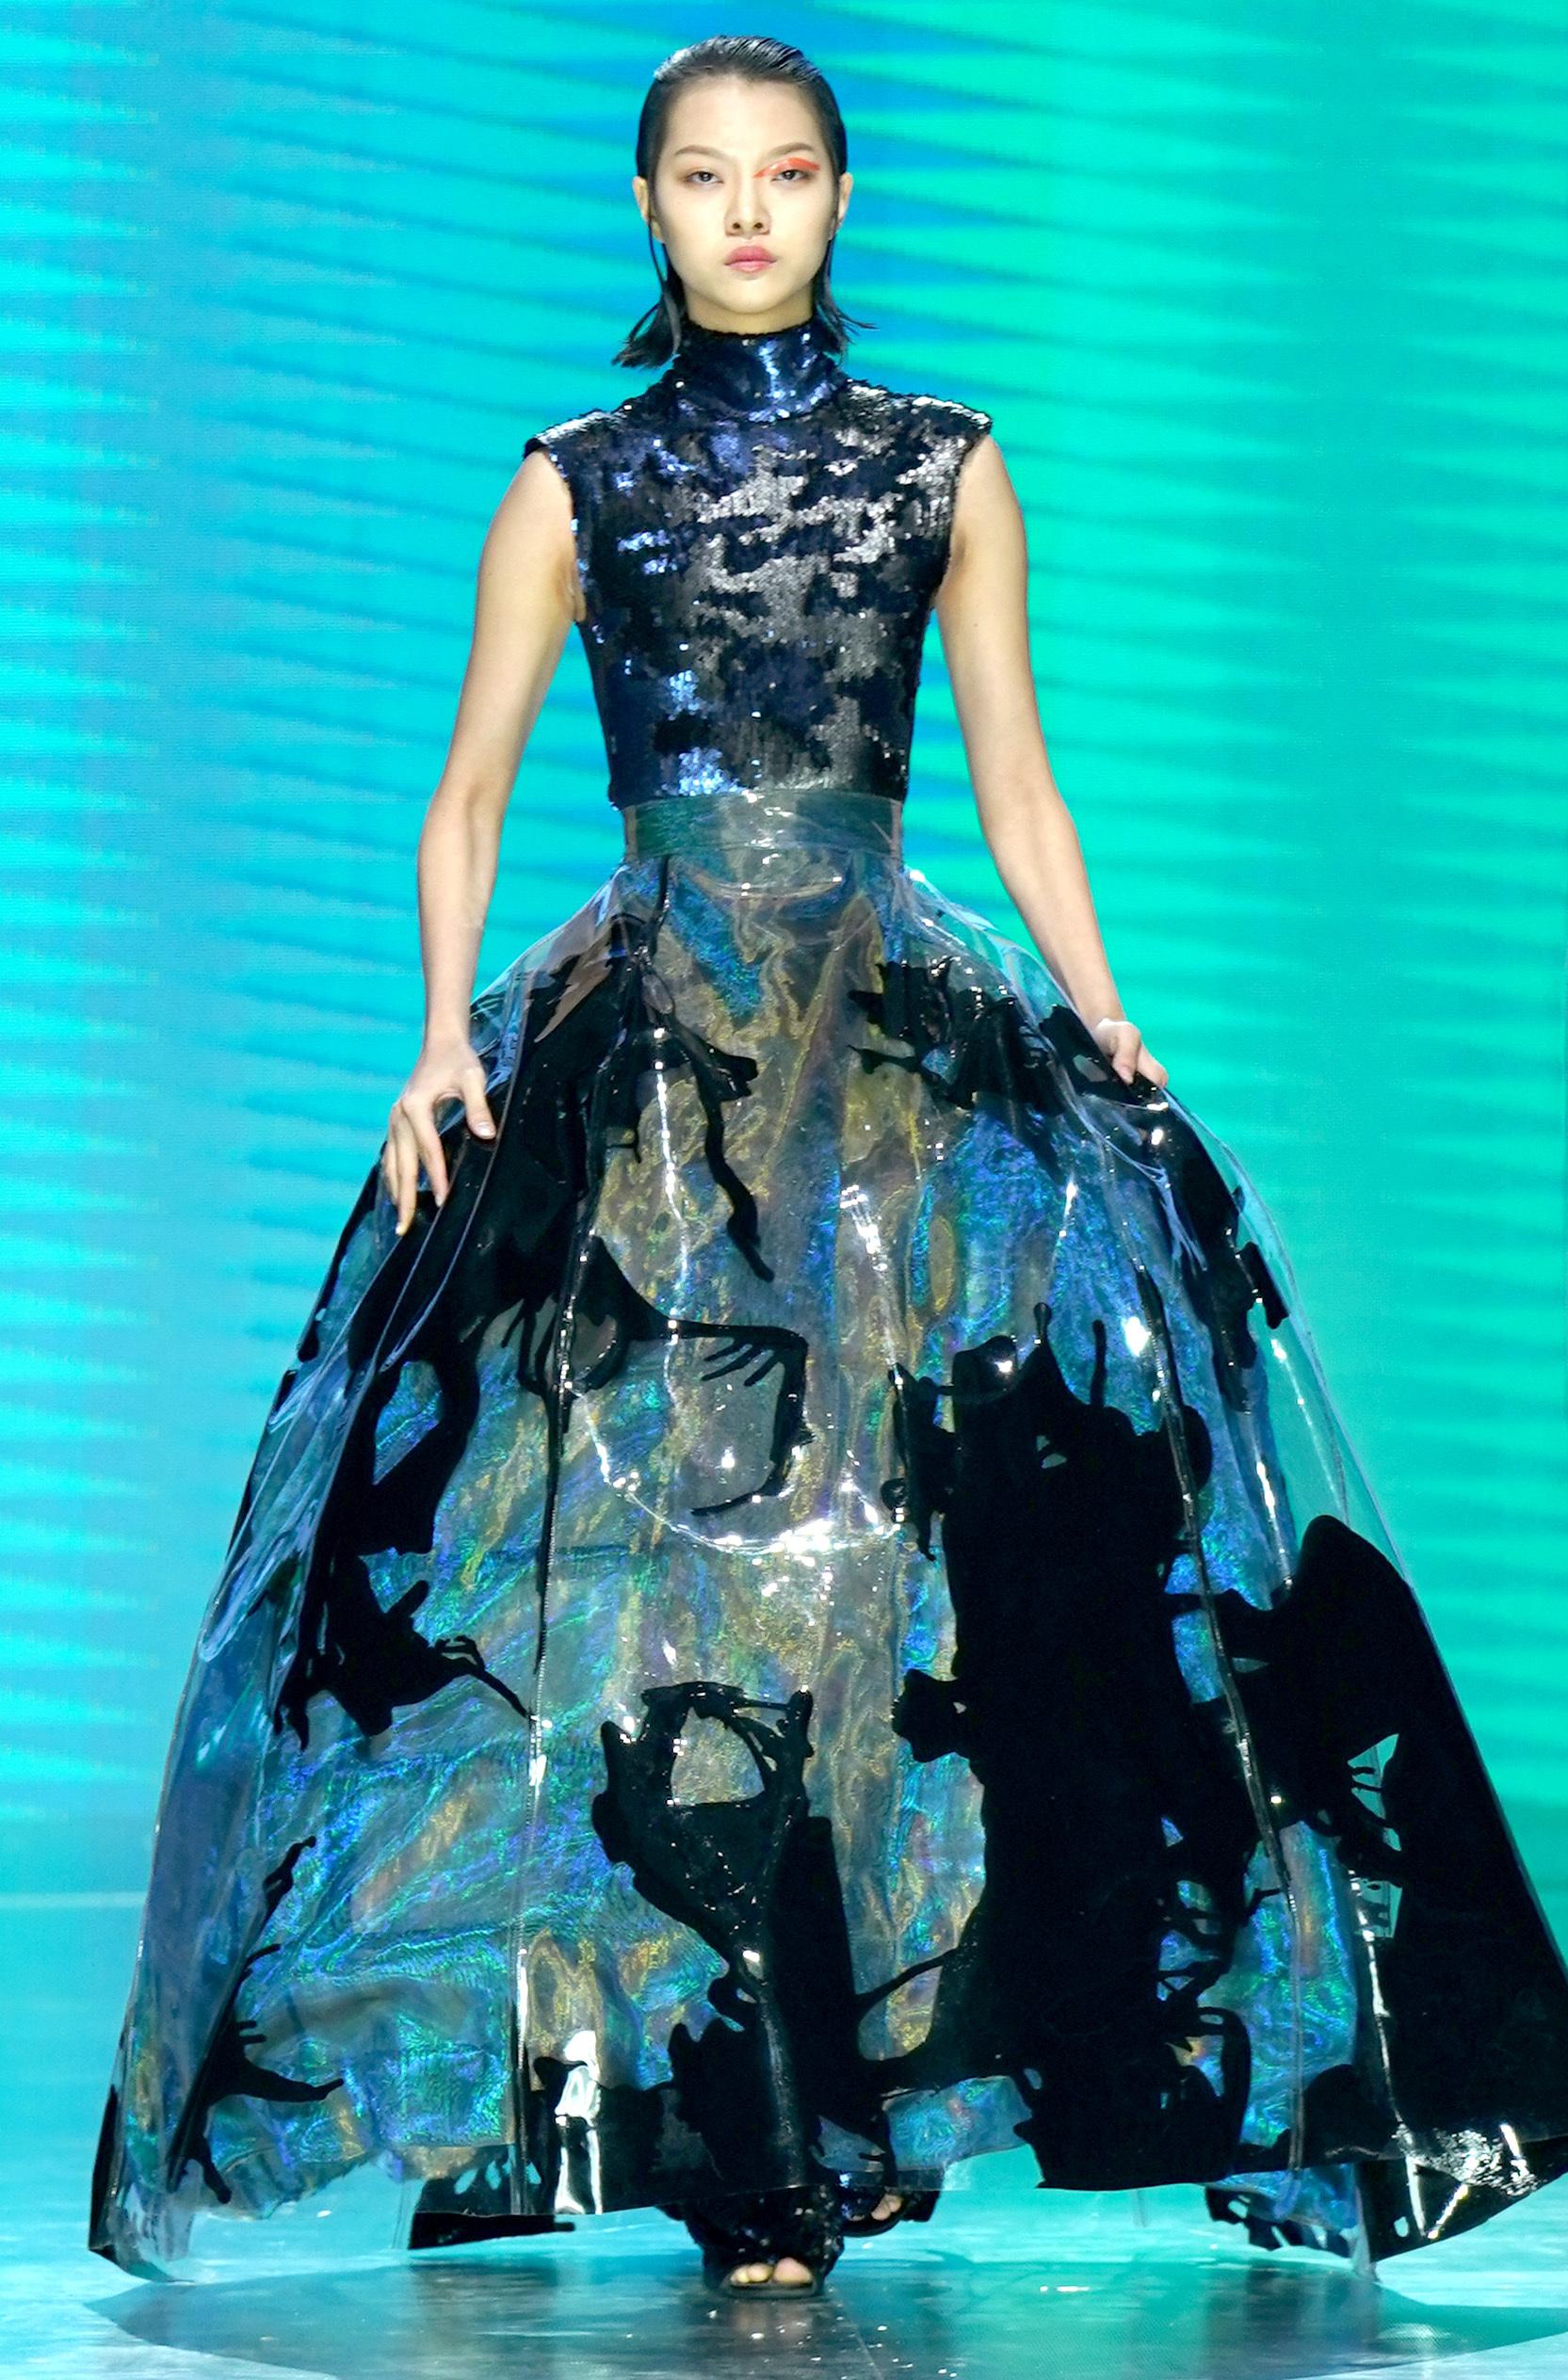 北京,2019年3月25日 中国国际时装周拉开帷幕 3月25日,模特在开幕式上